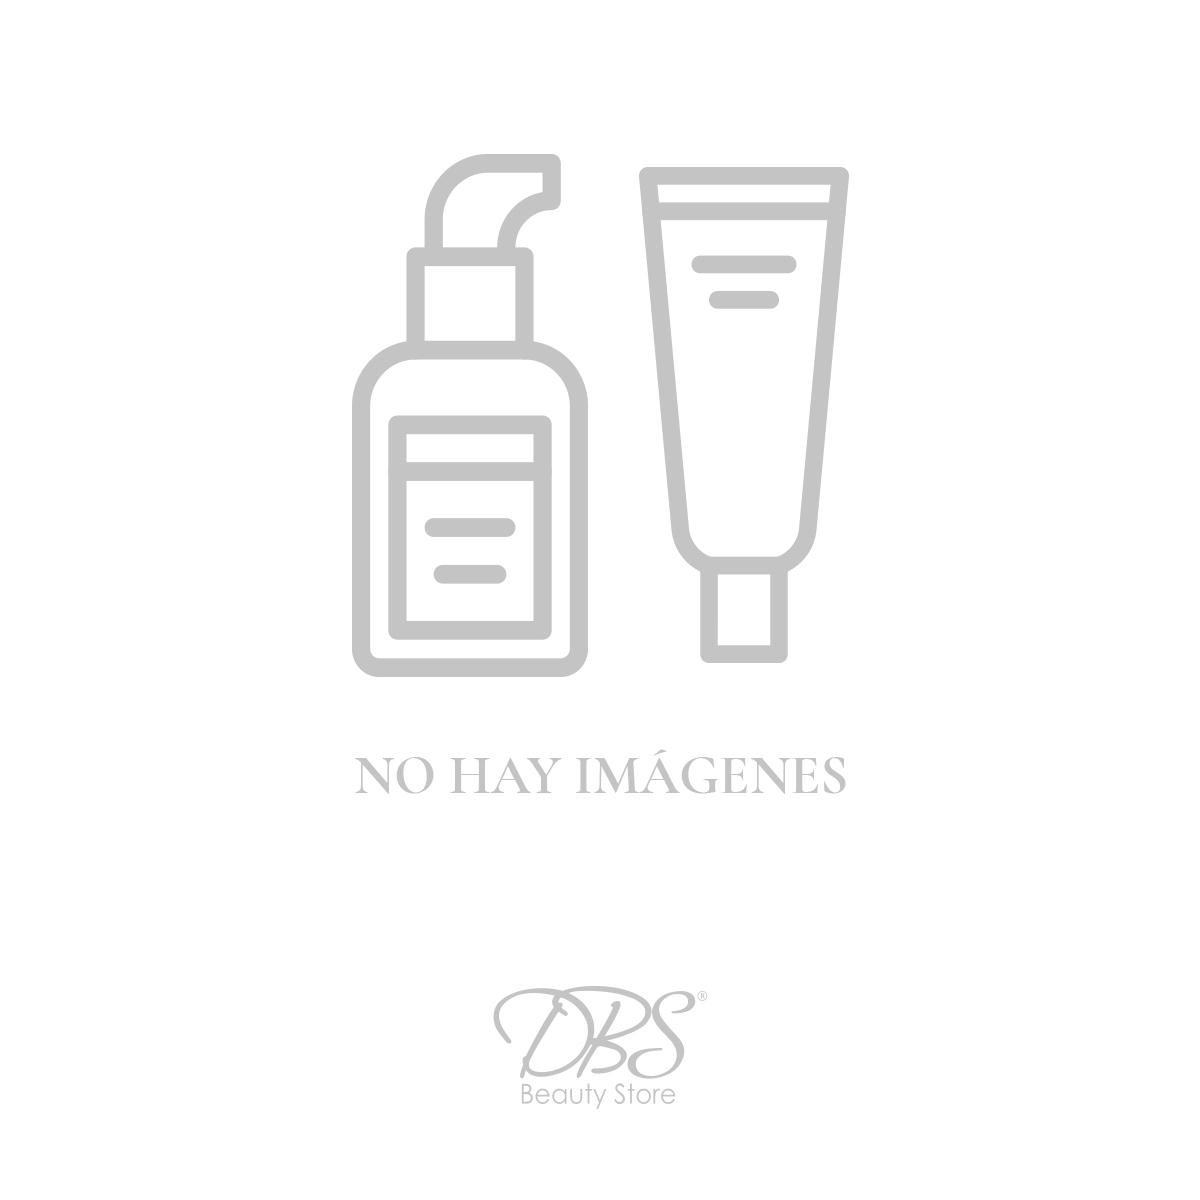 bath-and-body-works-BW-01083.jpg